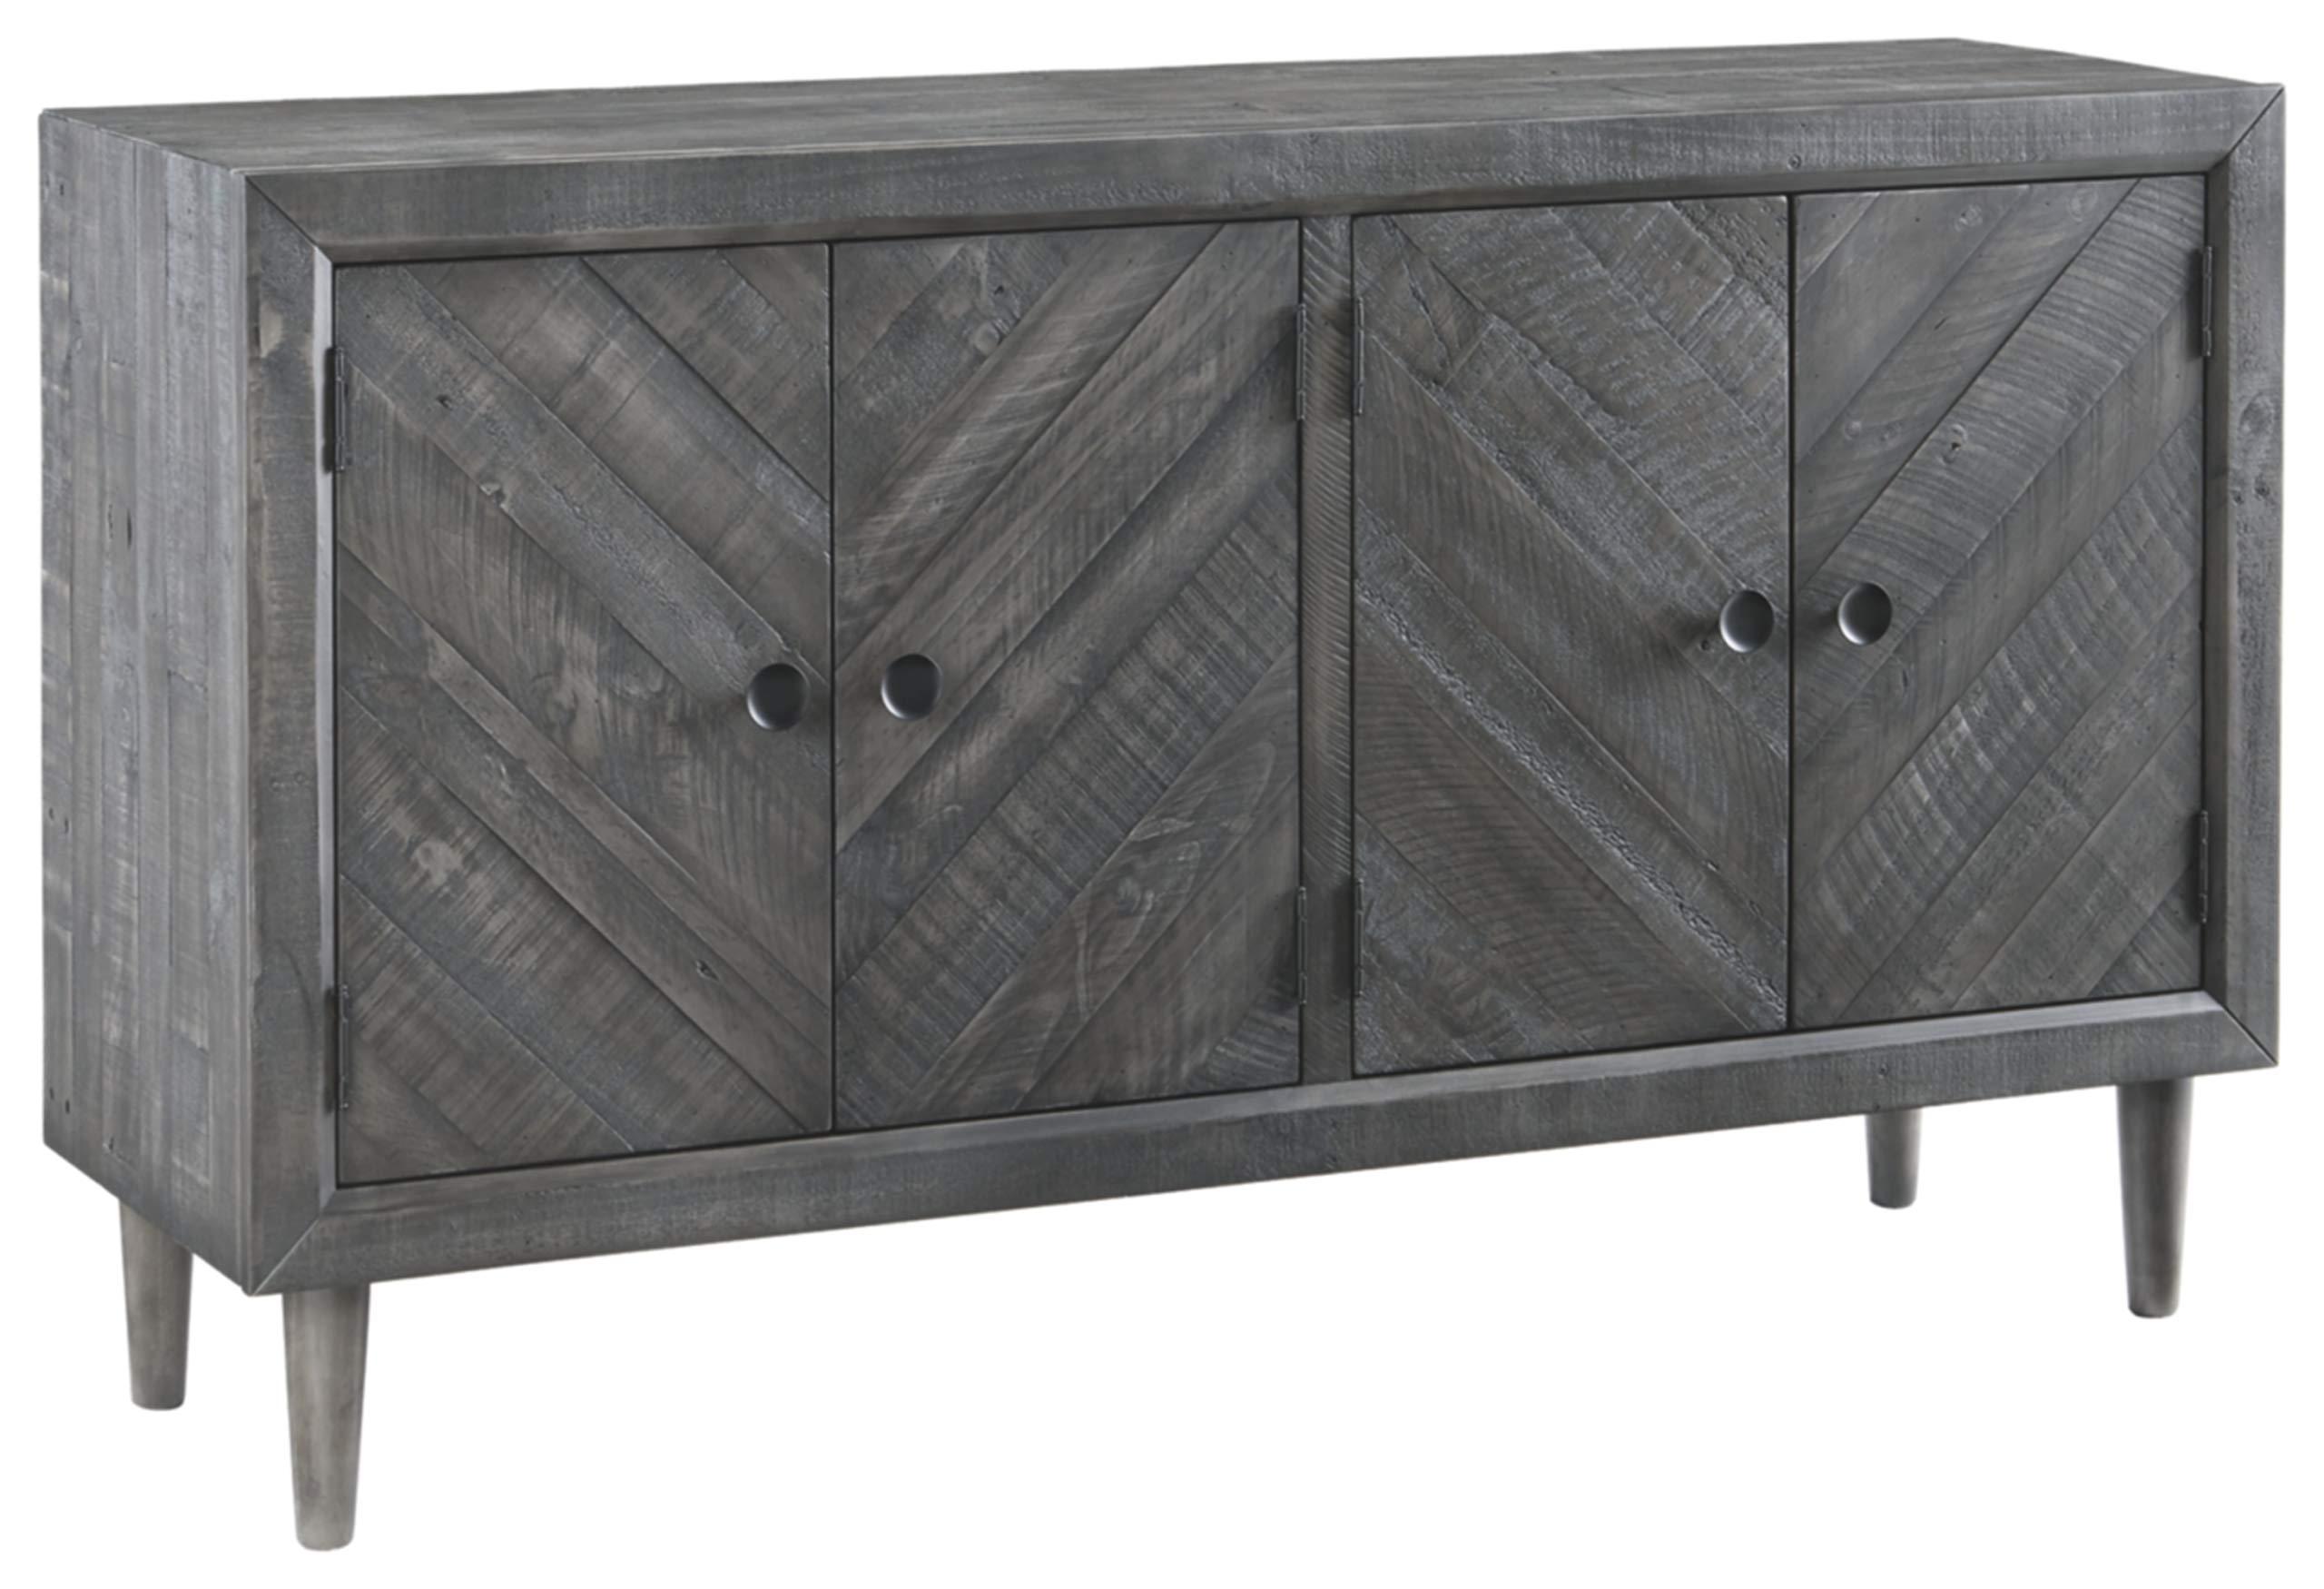 Signature Design by Ashley D568-60 Besteneer Dining Room Server, Dark Gray